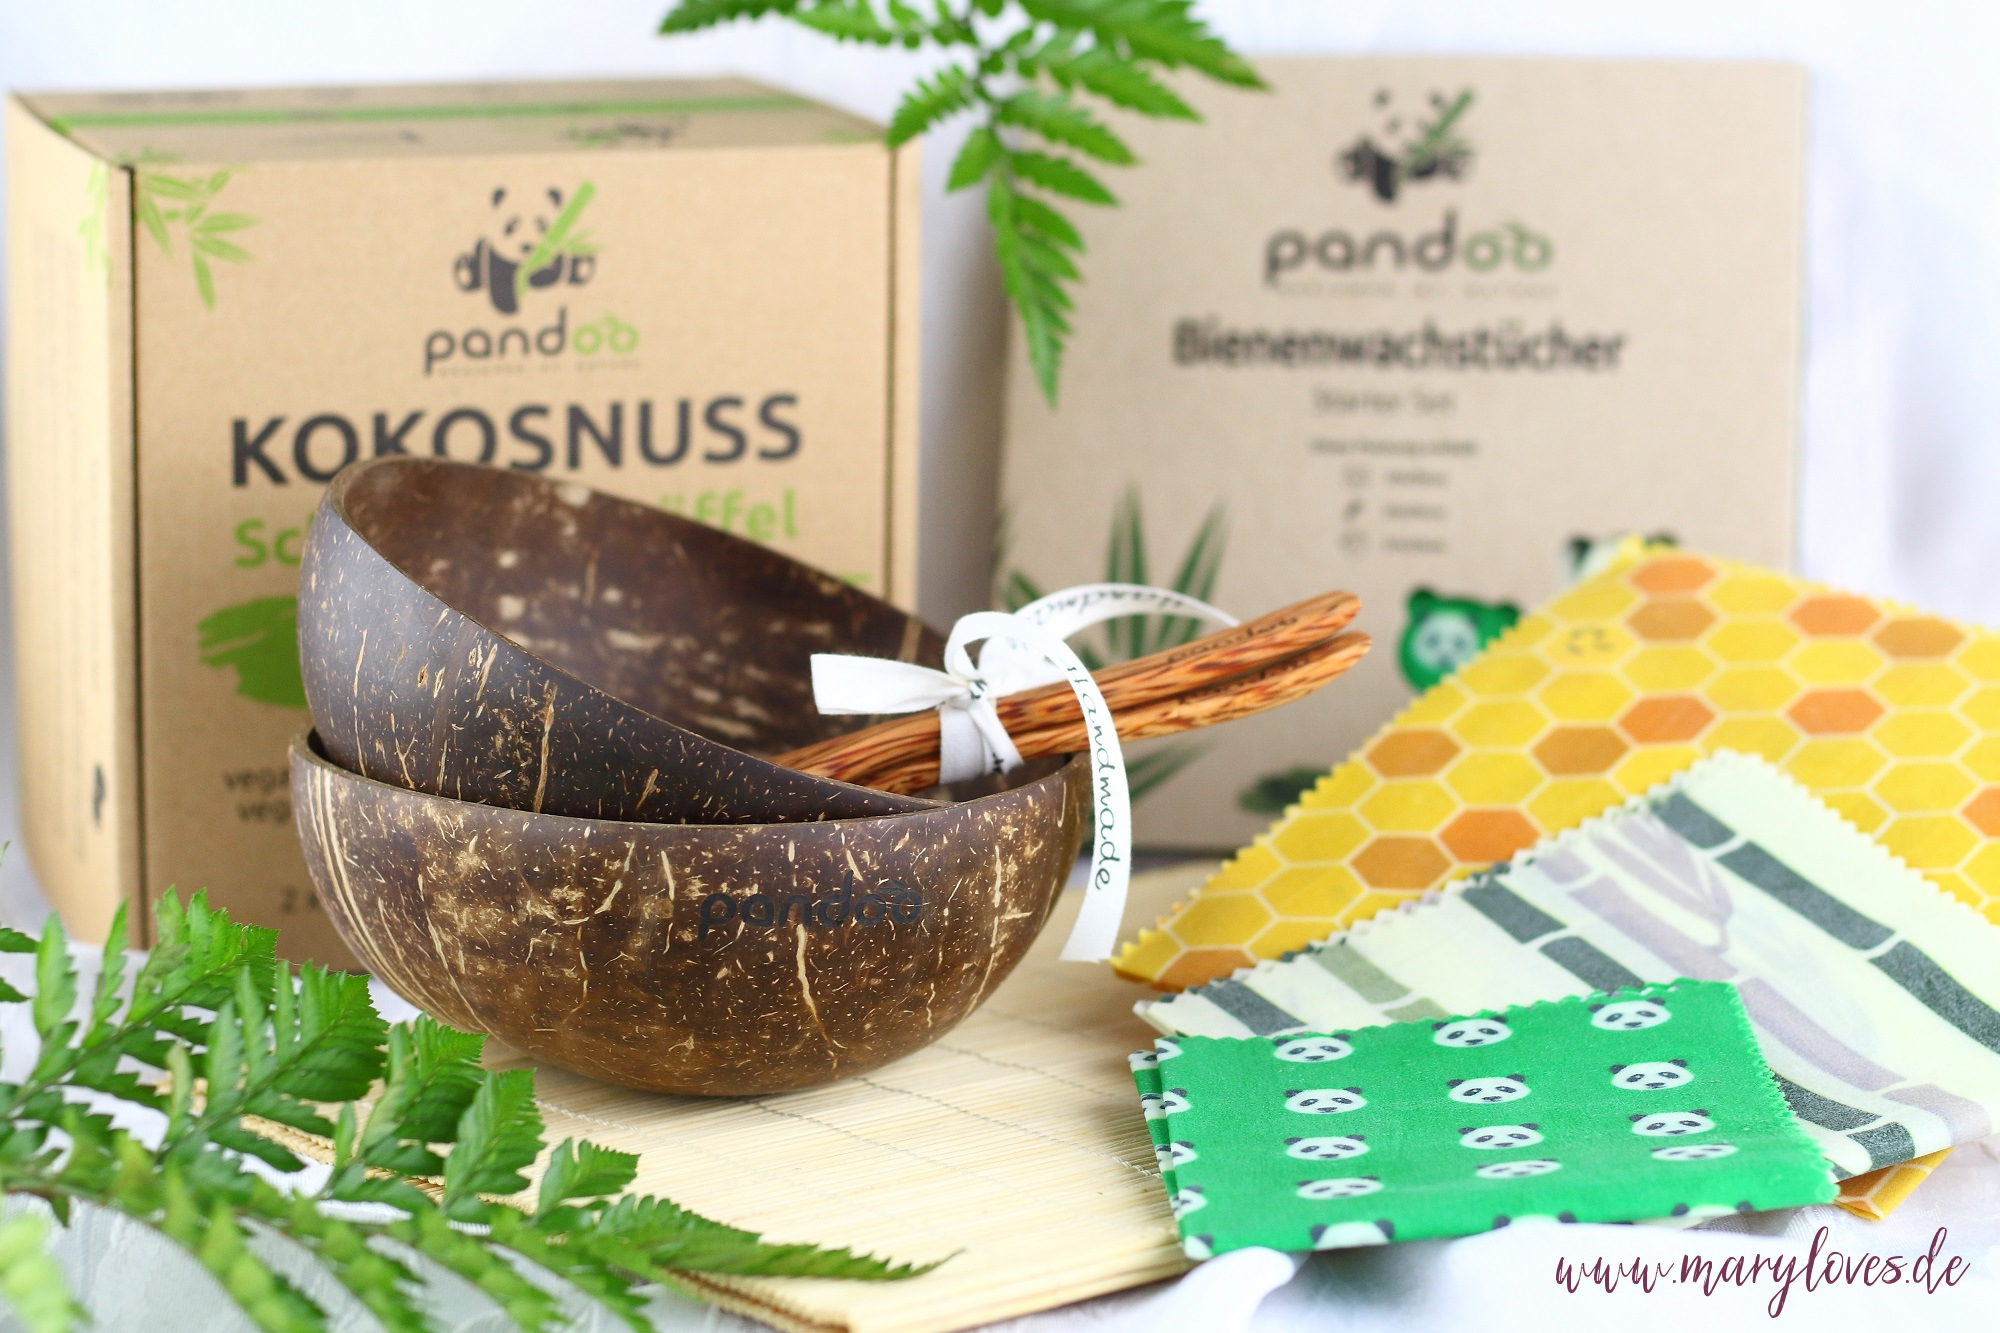 Nachhaltiges Gewinnpaket von pandoo mit Kokosschalen-Set und Bienenwachstüchern